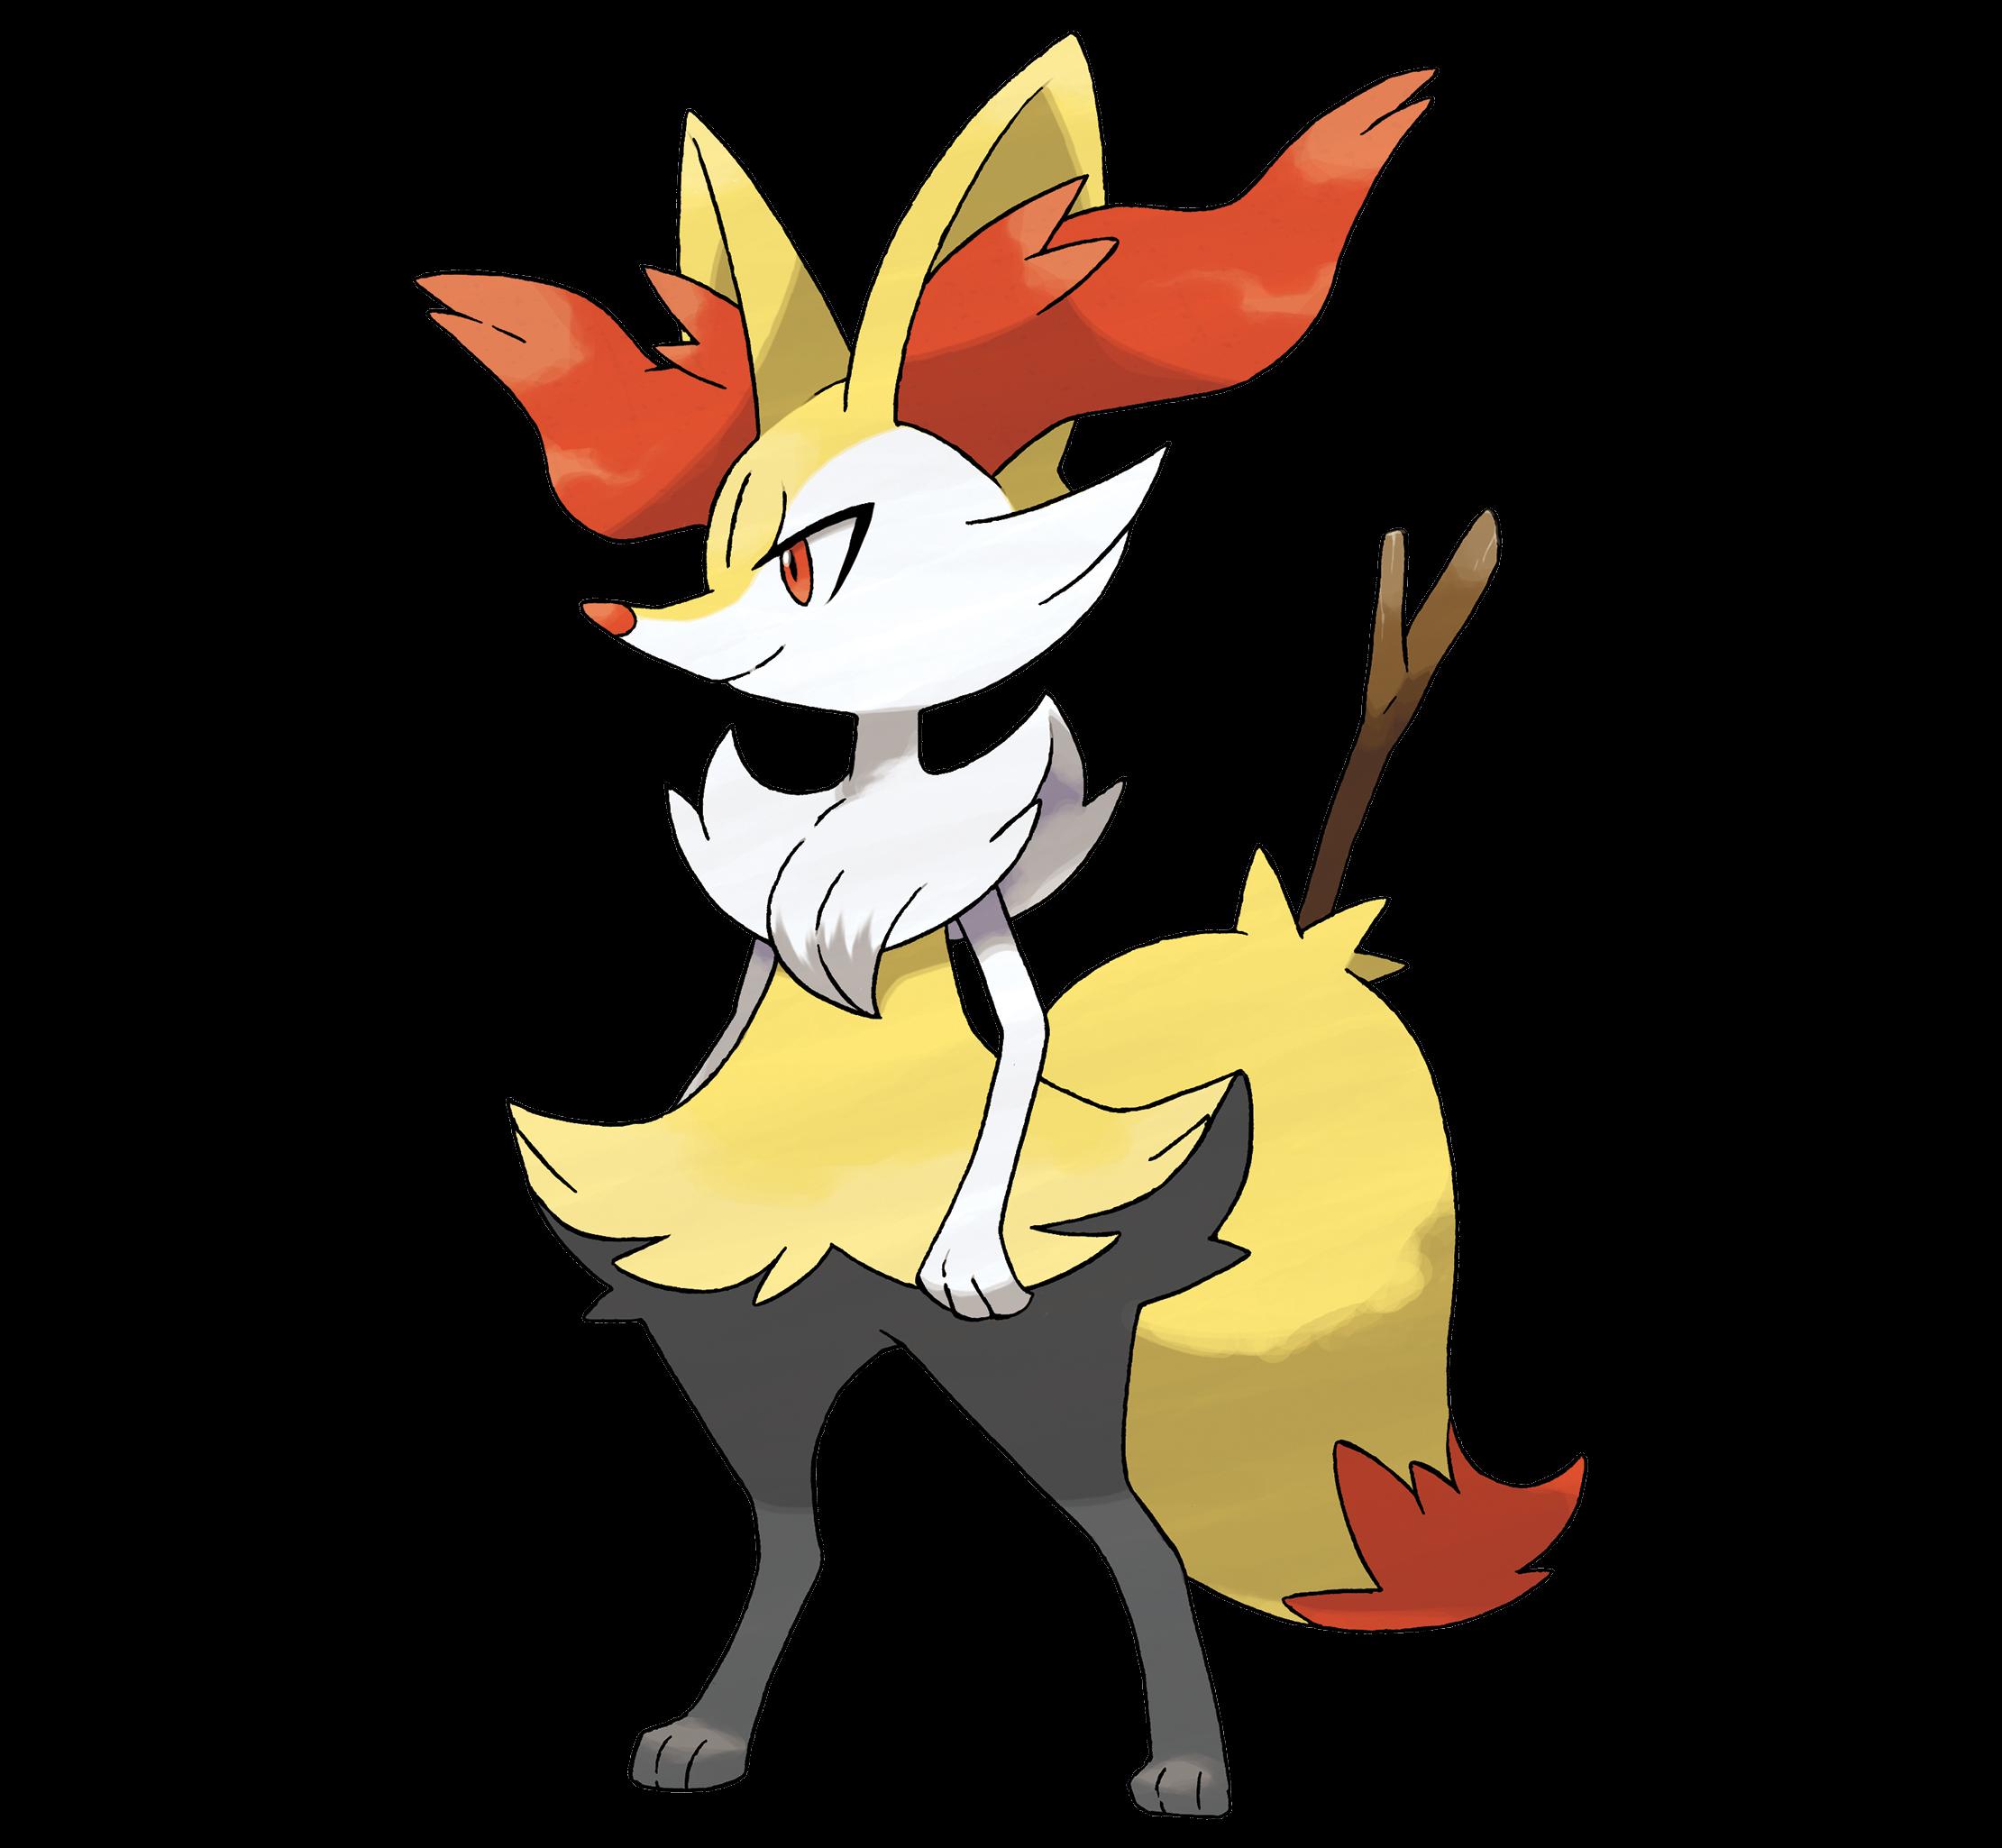 Stalium x pokemon xy - Evolution pokemon xy ...